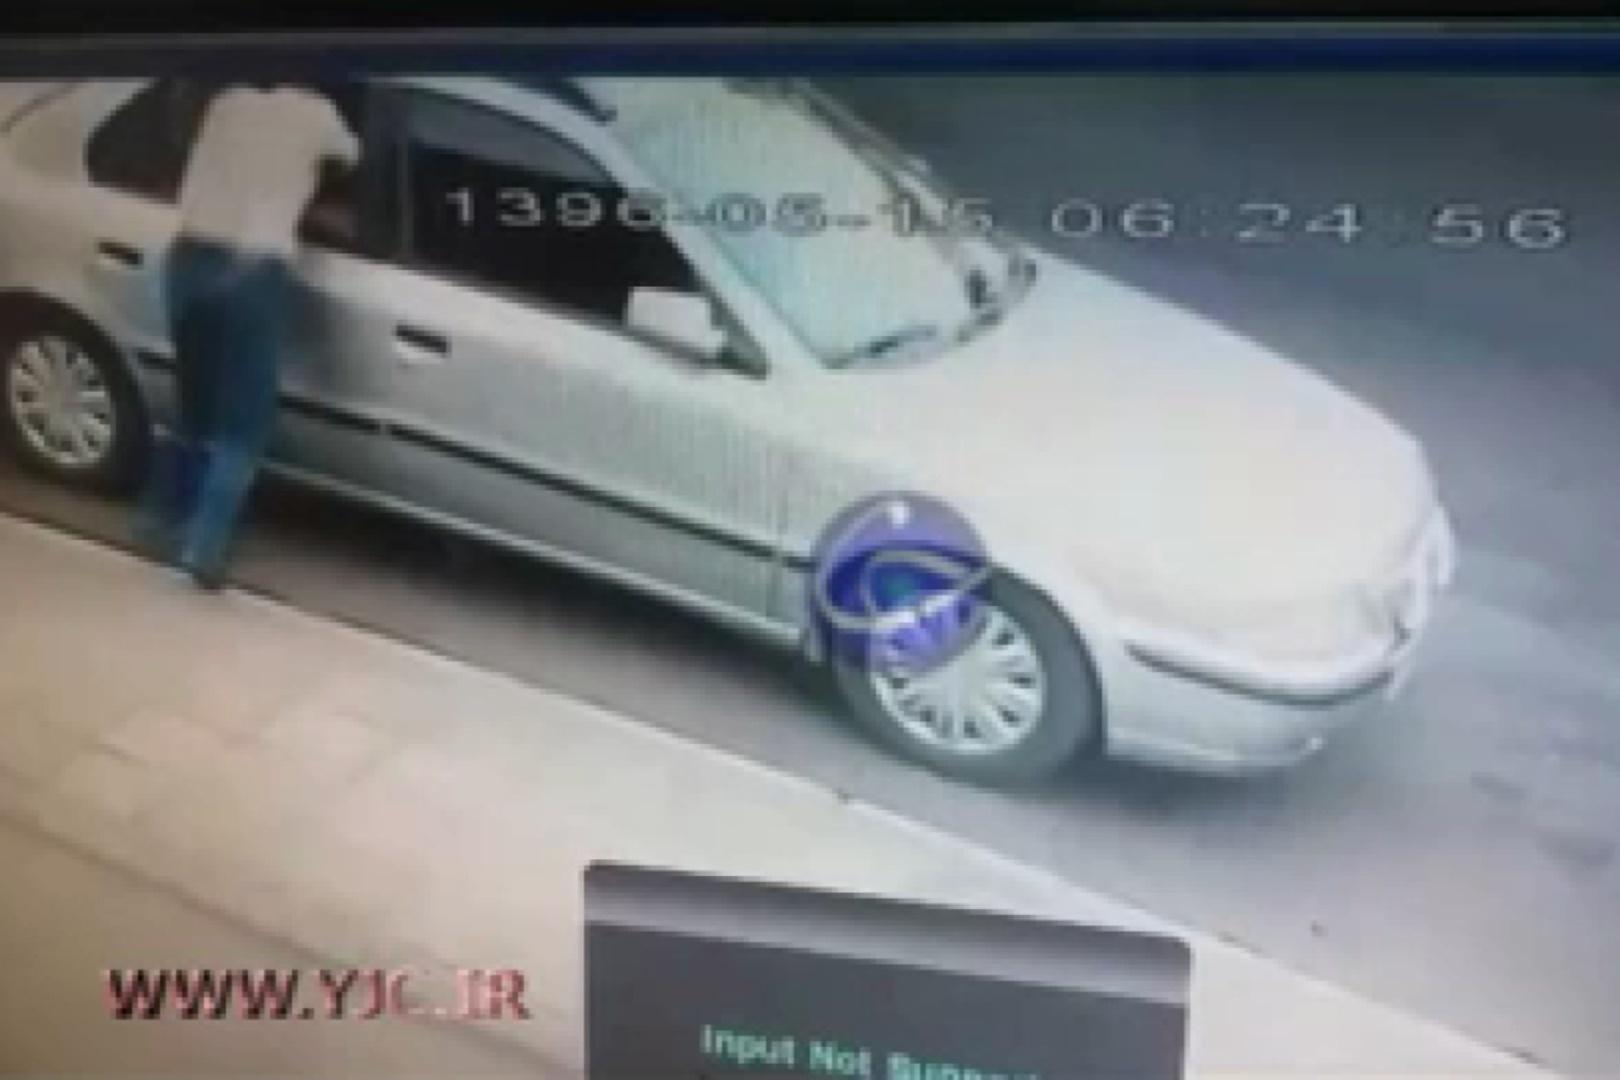 فیلم | سرقت از یک خودرو در میدان قزوین با آرامش کامل!